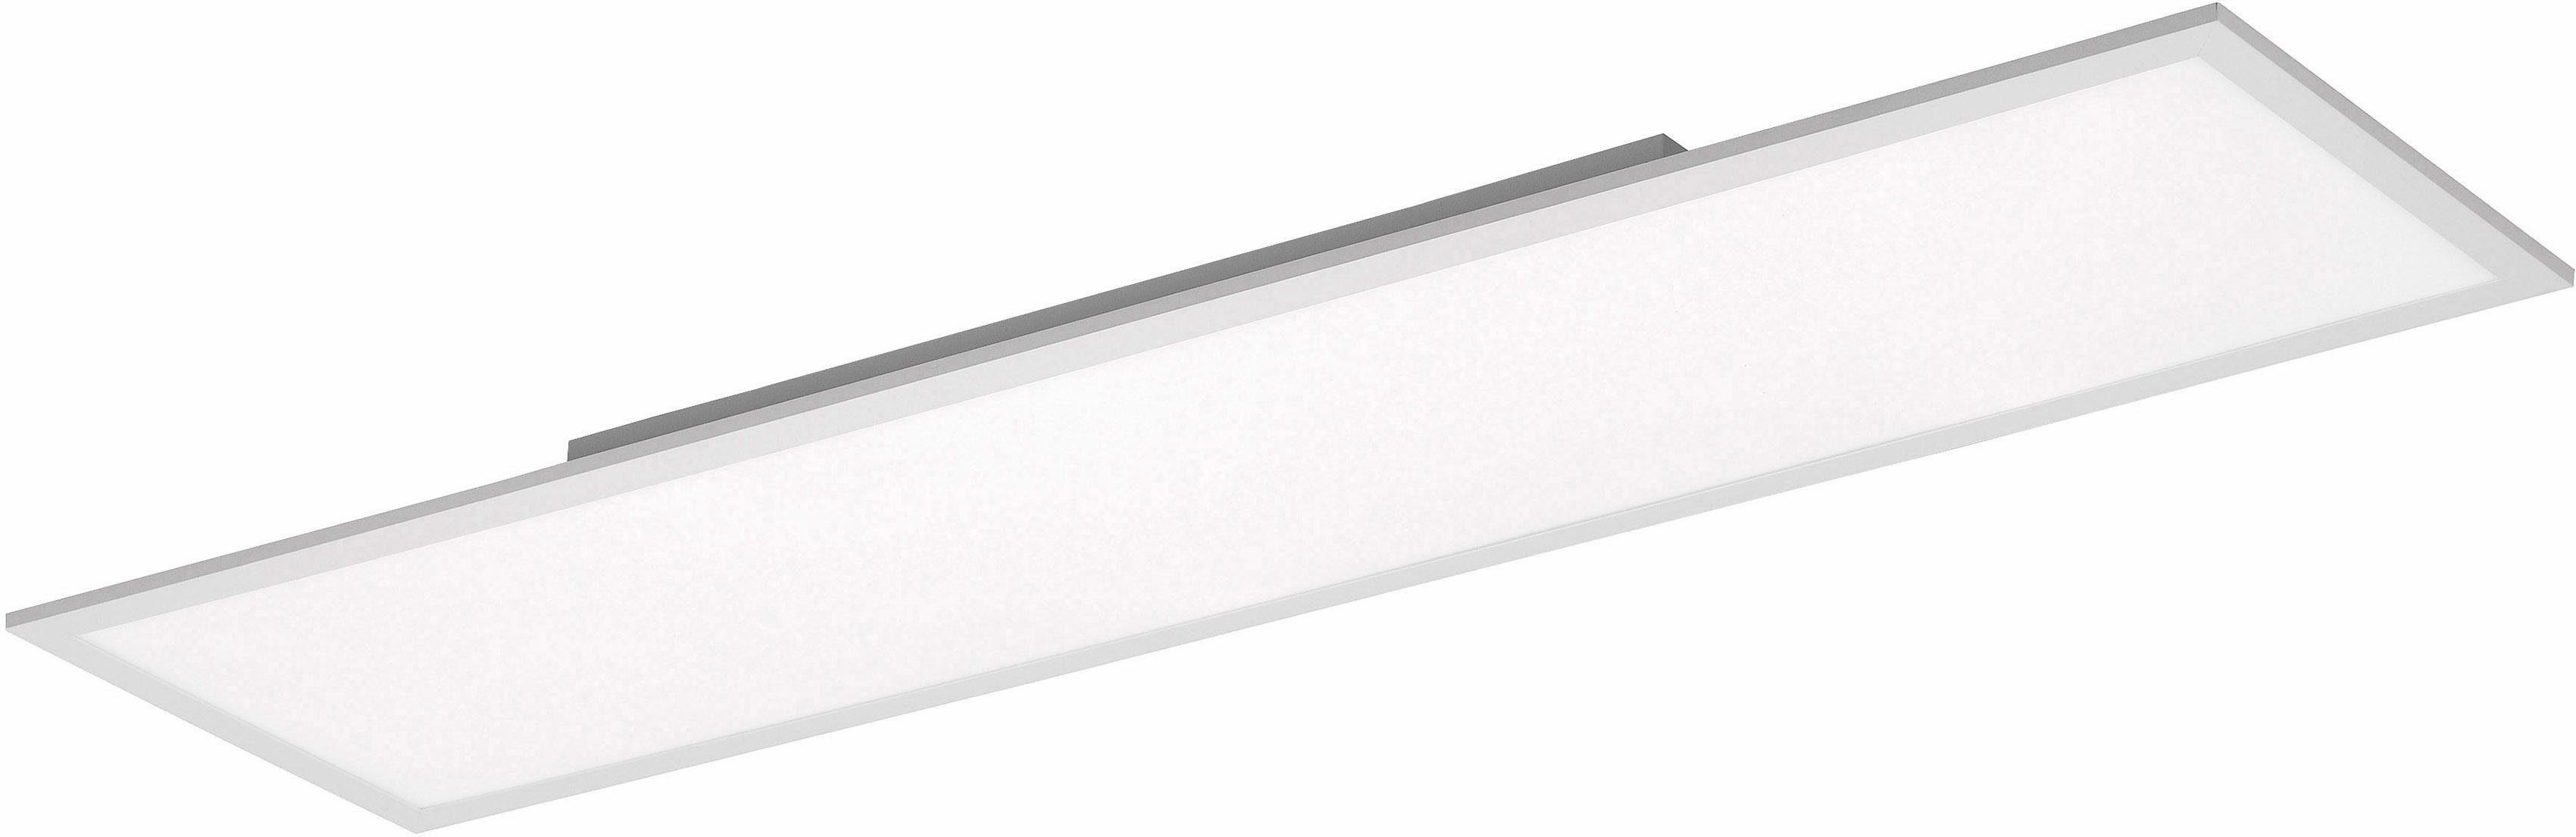 Leuchten Direkt LED Deckenleuchte, RGBW, 120 x 30 cm, »FLAT«